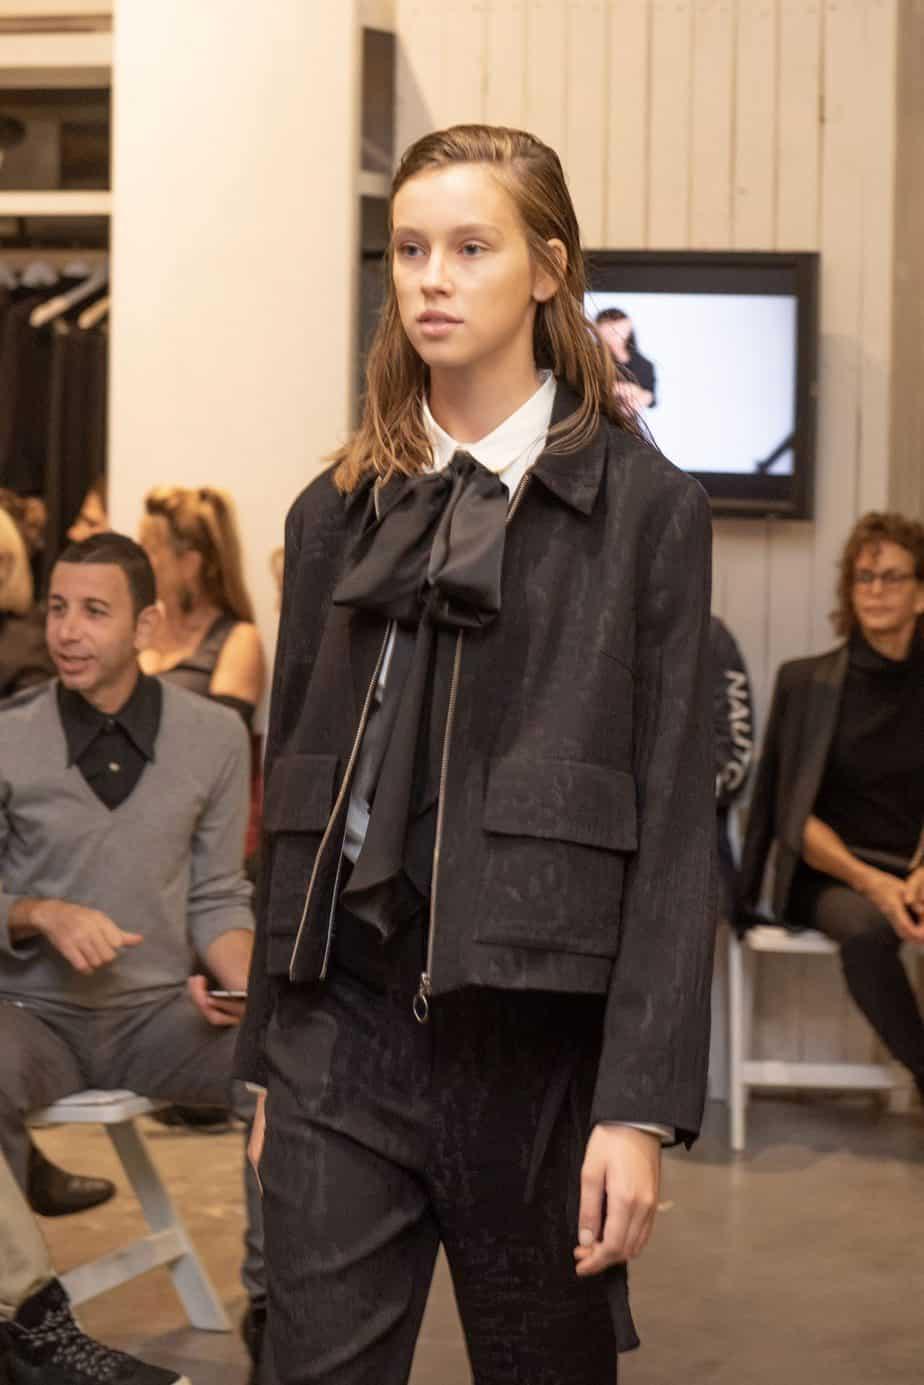 קום איל פו. תצוגת אופנה סתיו חורף 208-19. צילום: יניב לוי -385